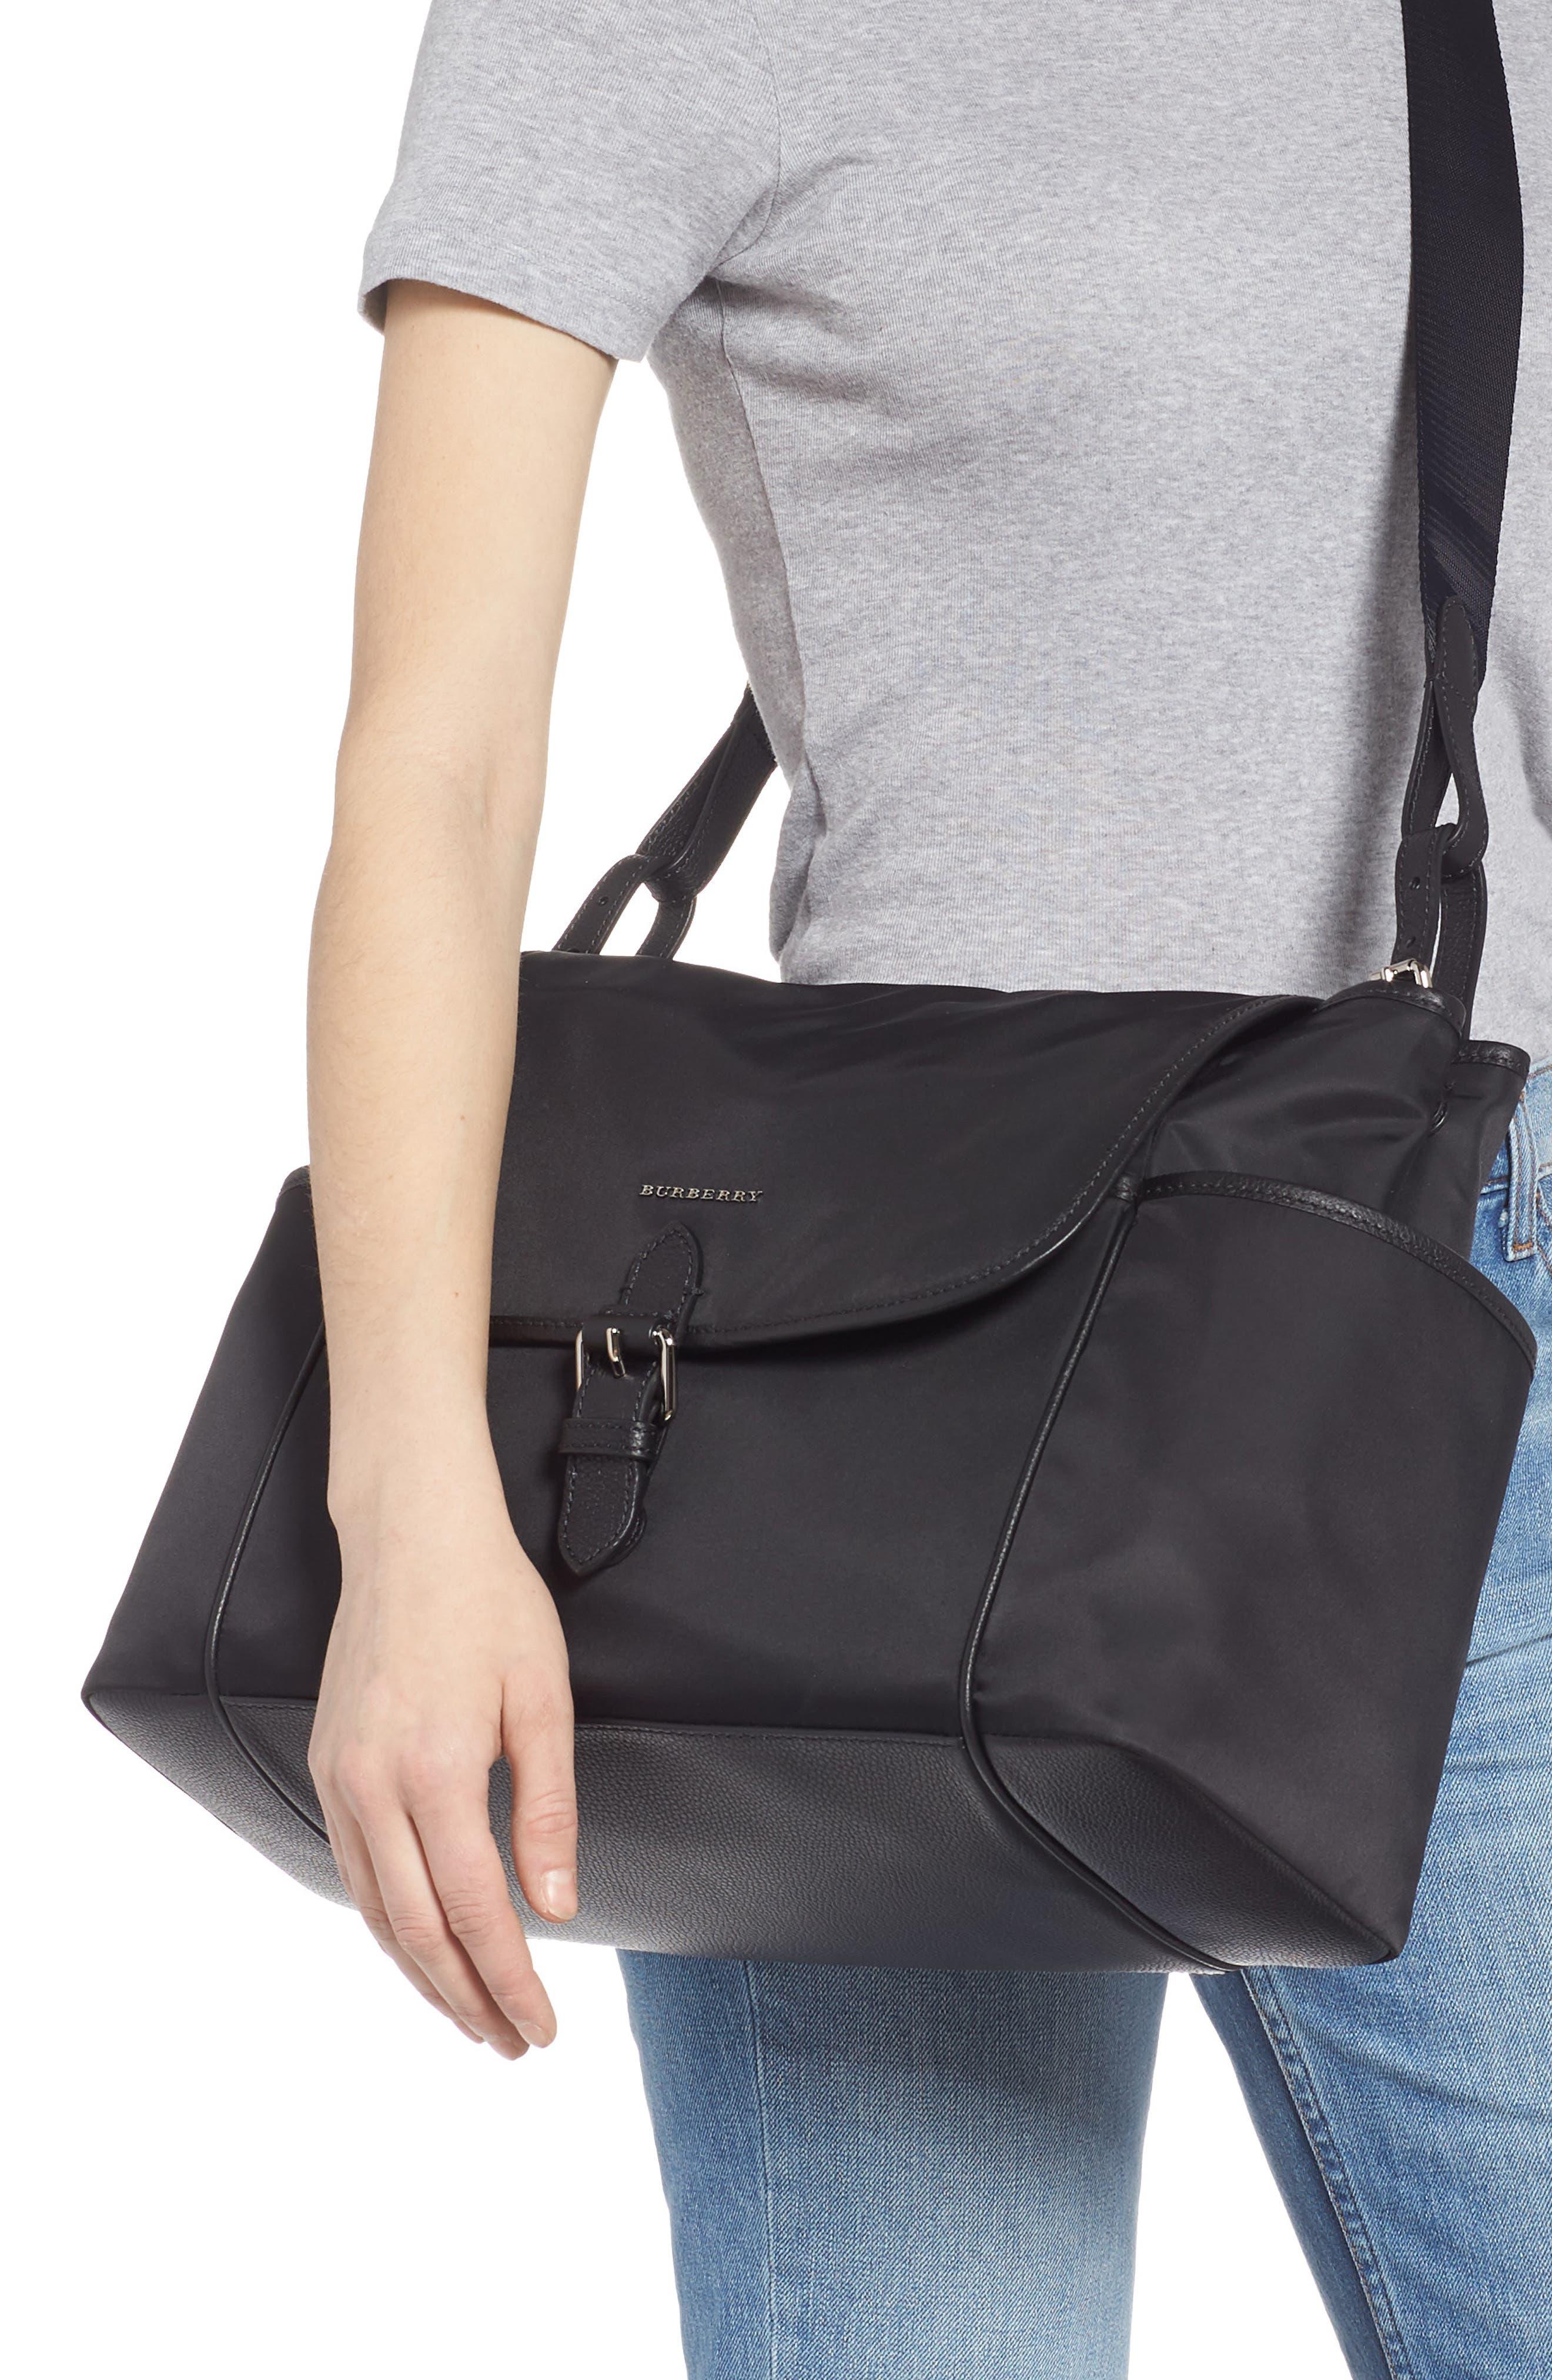 Flap Nylon Diaper Bag,                             Alternate thumbnail 2, color,                             BLACK